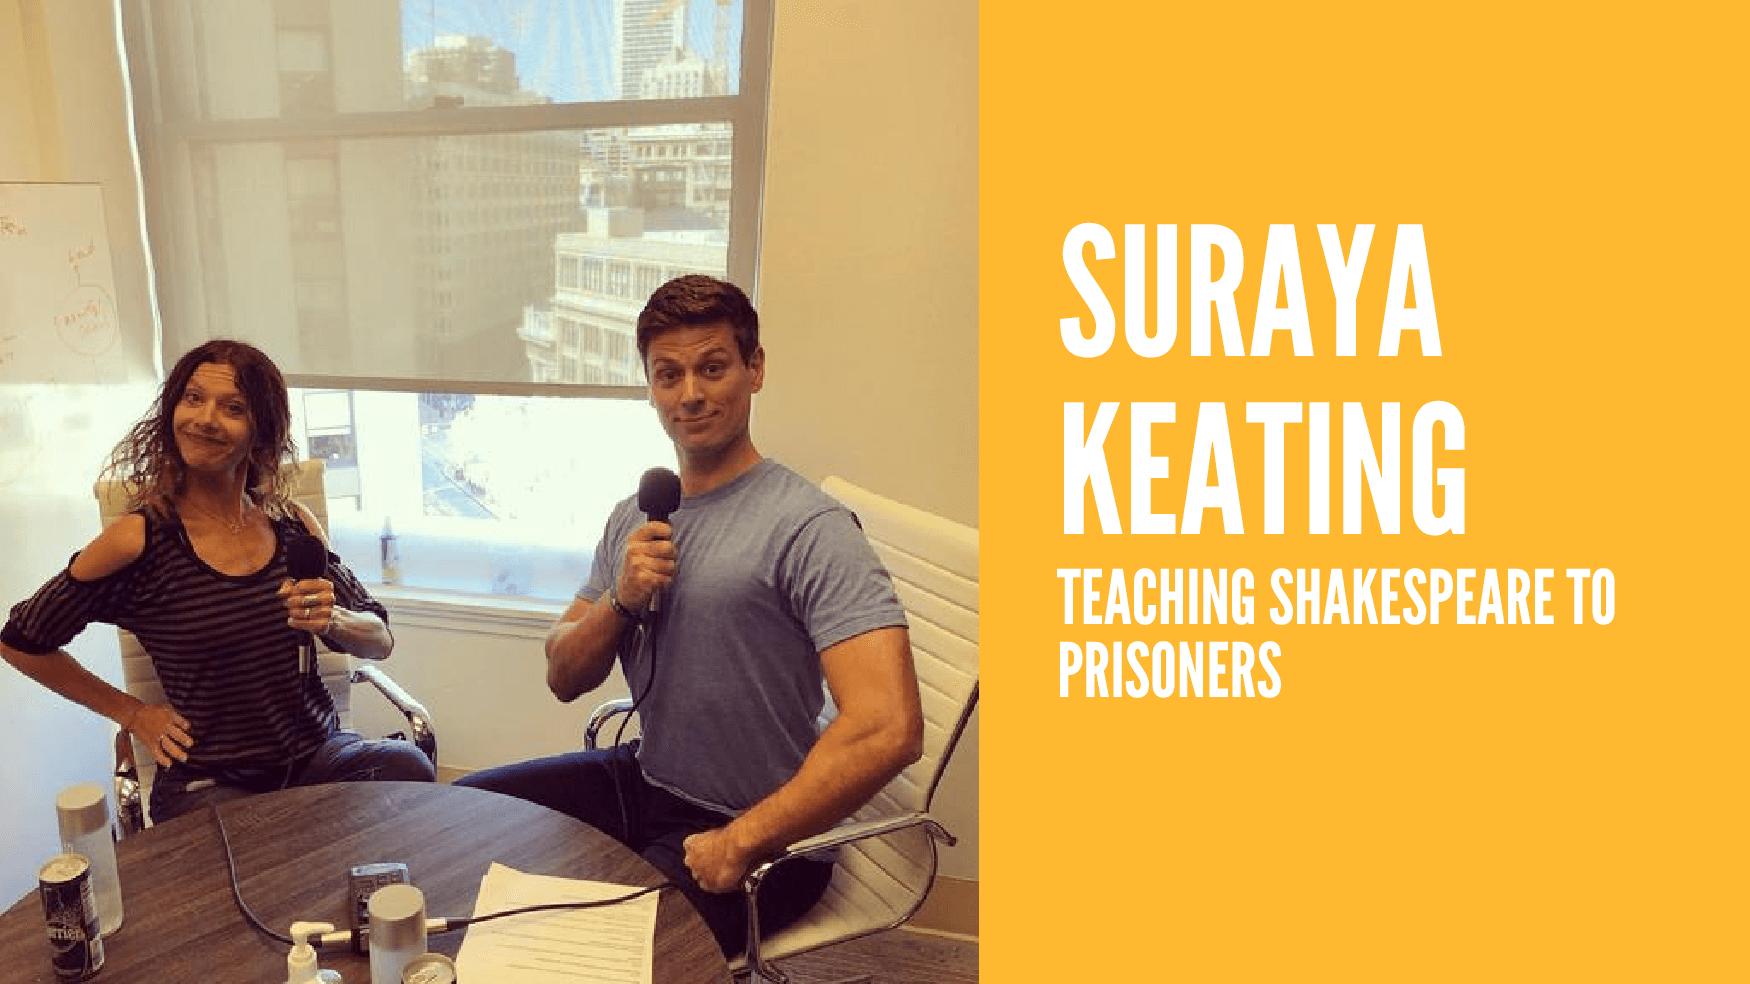 Teaching Shakespeare to Prisoners – Suraya Keating